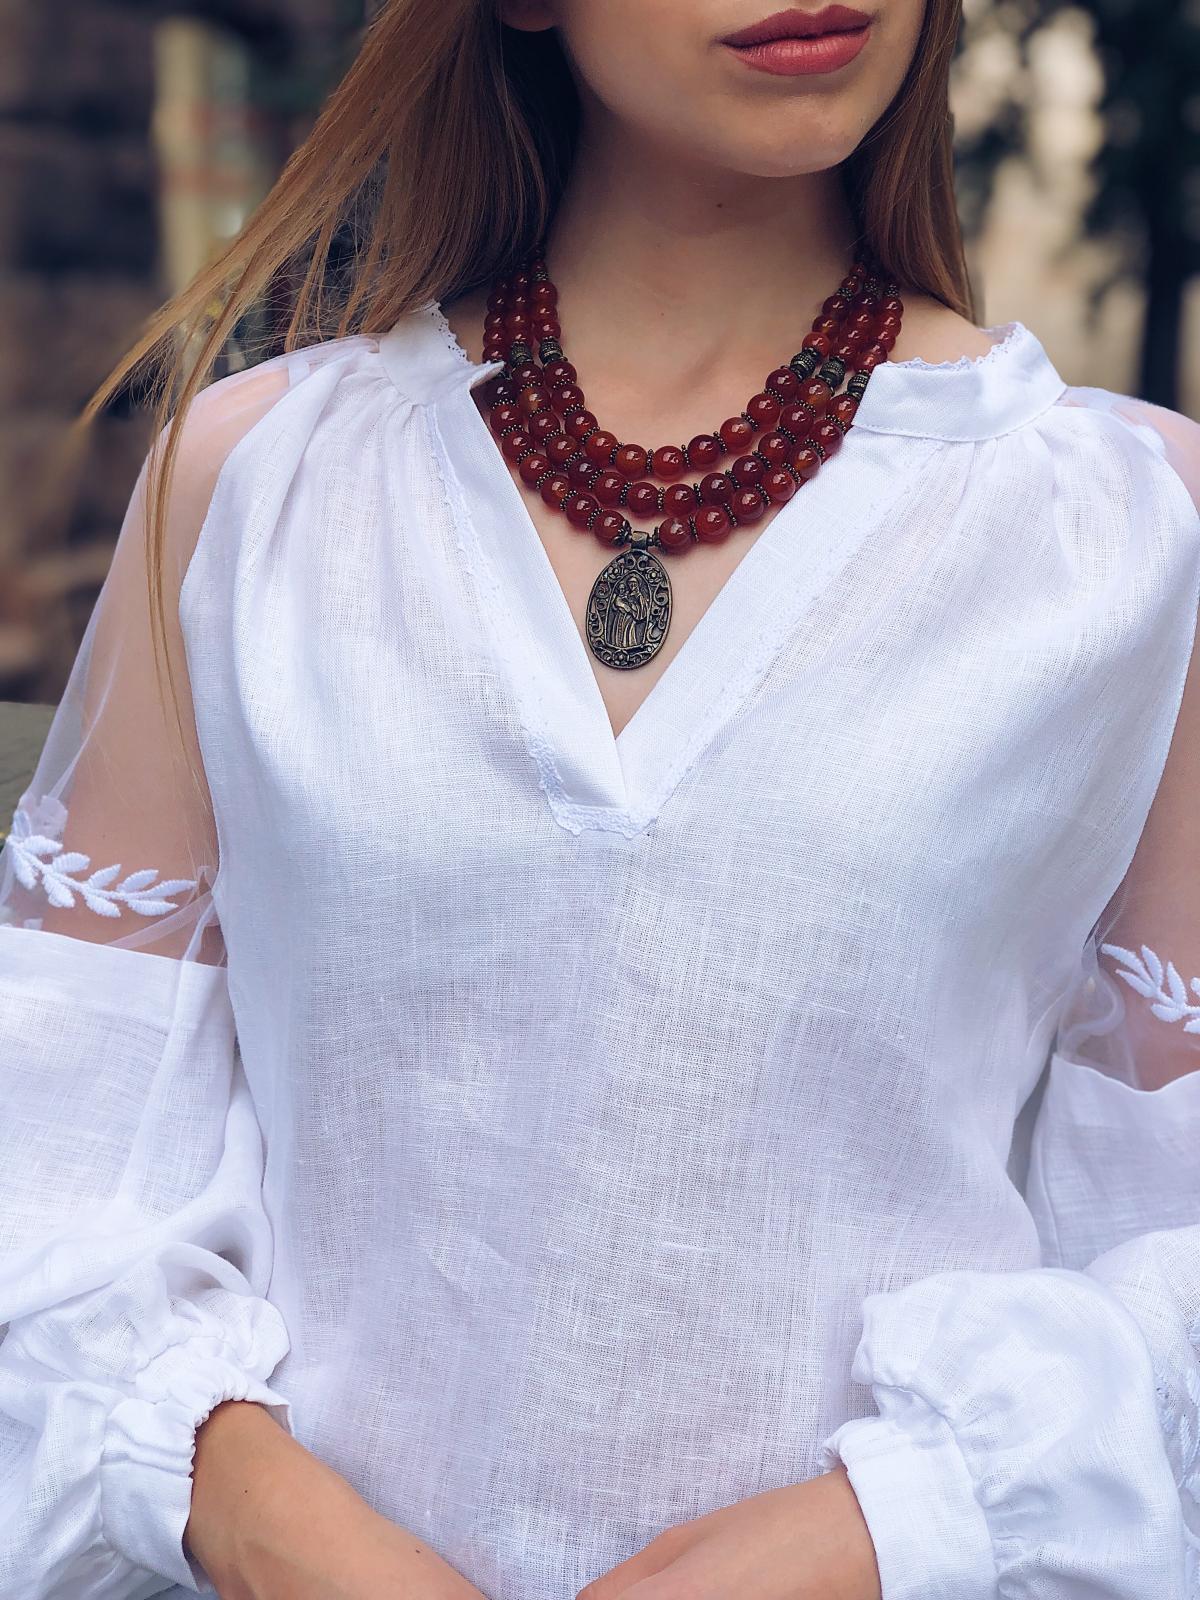 Ожерелье из сердолика и иконкой Почаевской Богородицы, 3 ряда. Фото №2. | Народный дом Украина